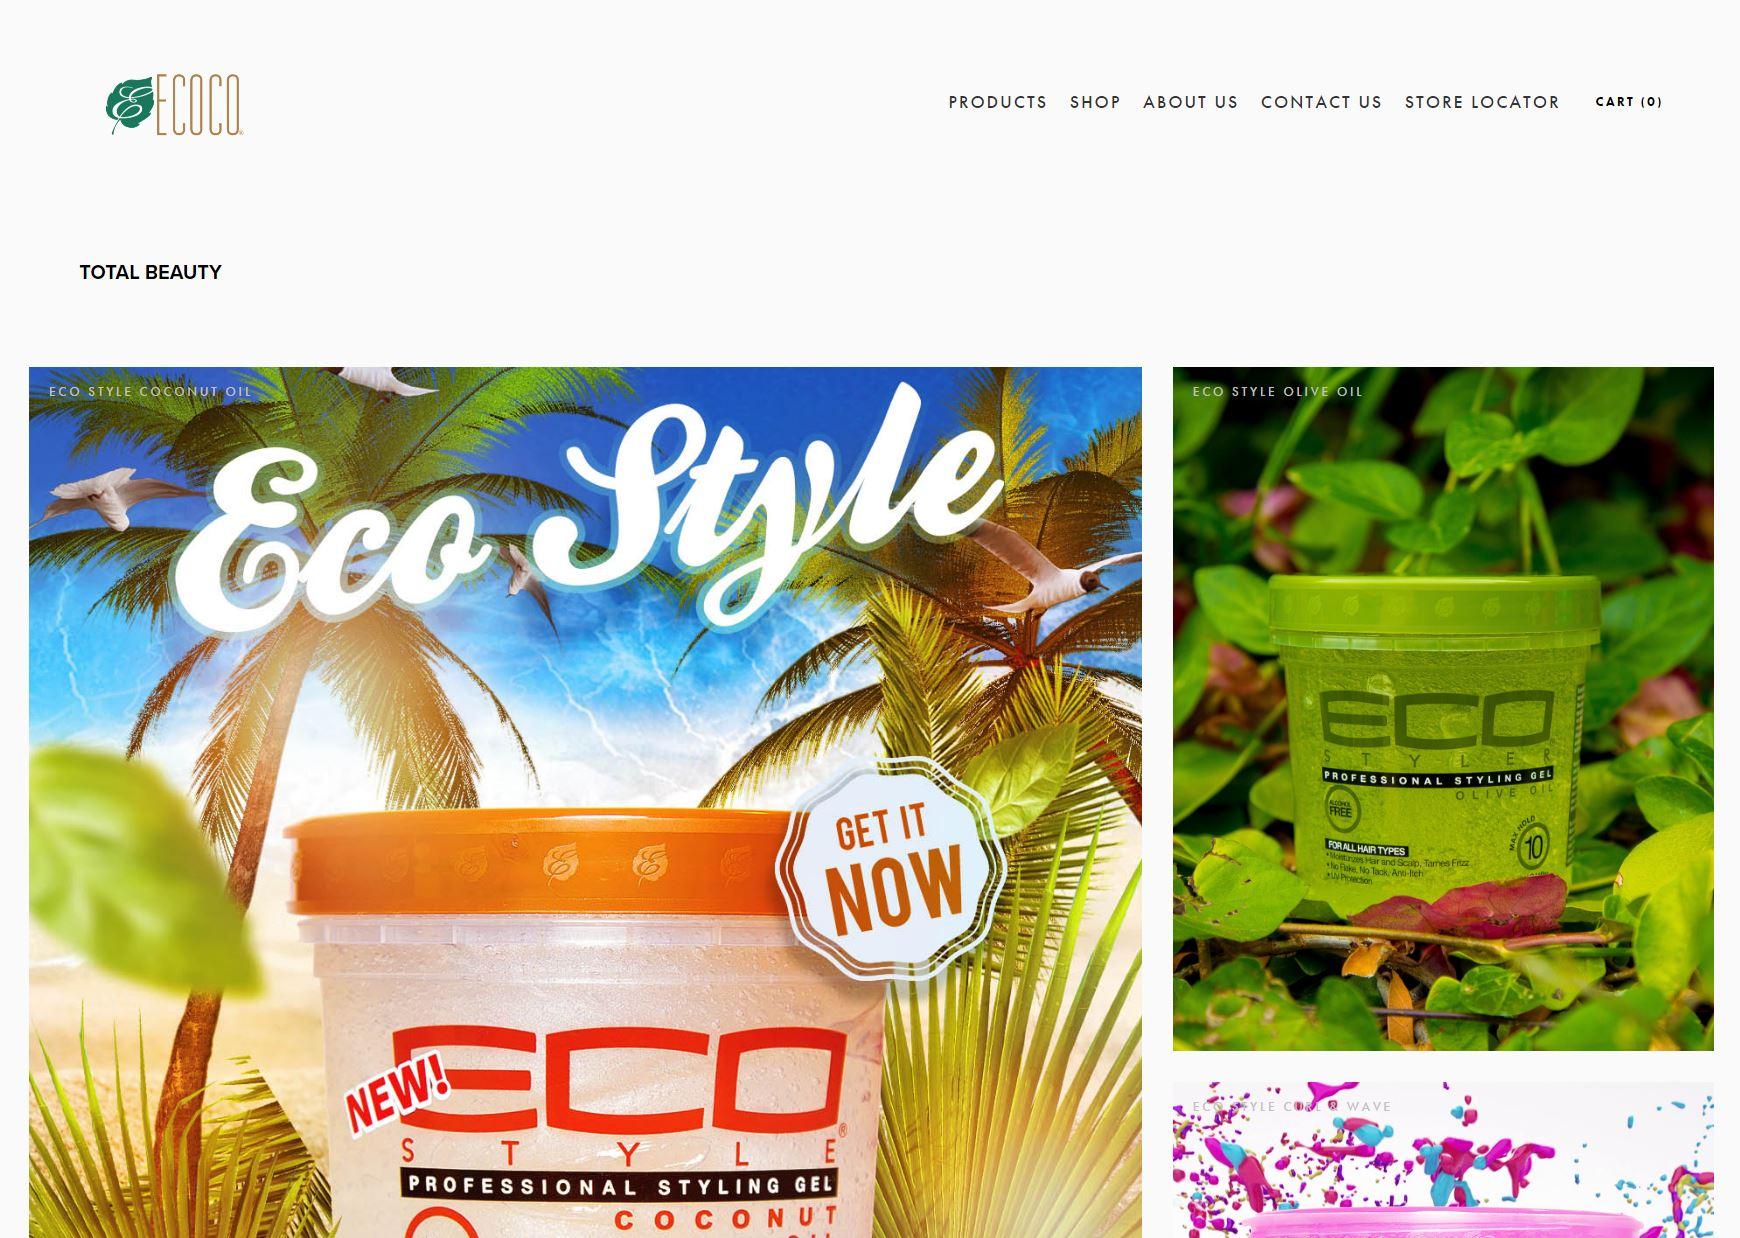 Ecoco E-commerce